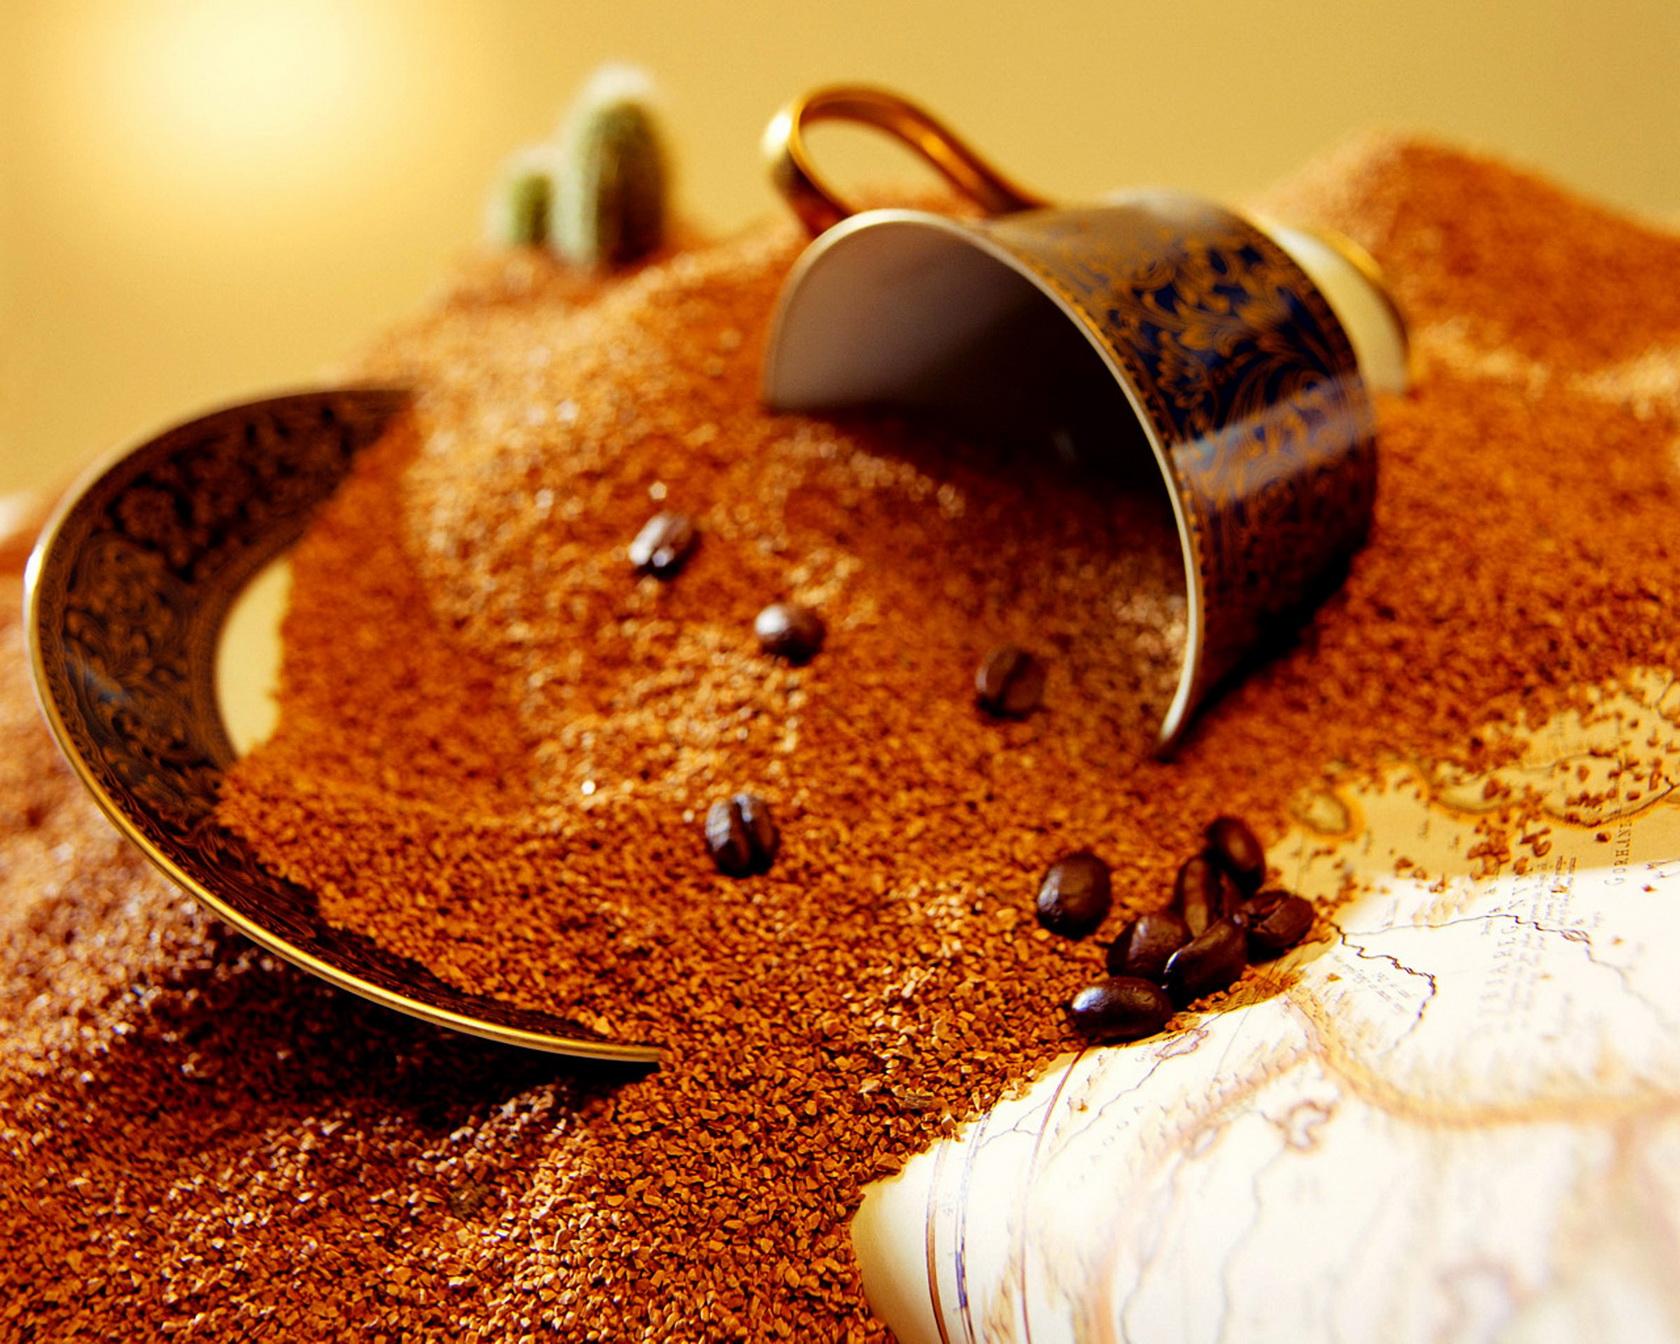 Phối trộn cafe hạt rang tạo sự cân bằng và làm phong phú hương vị